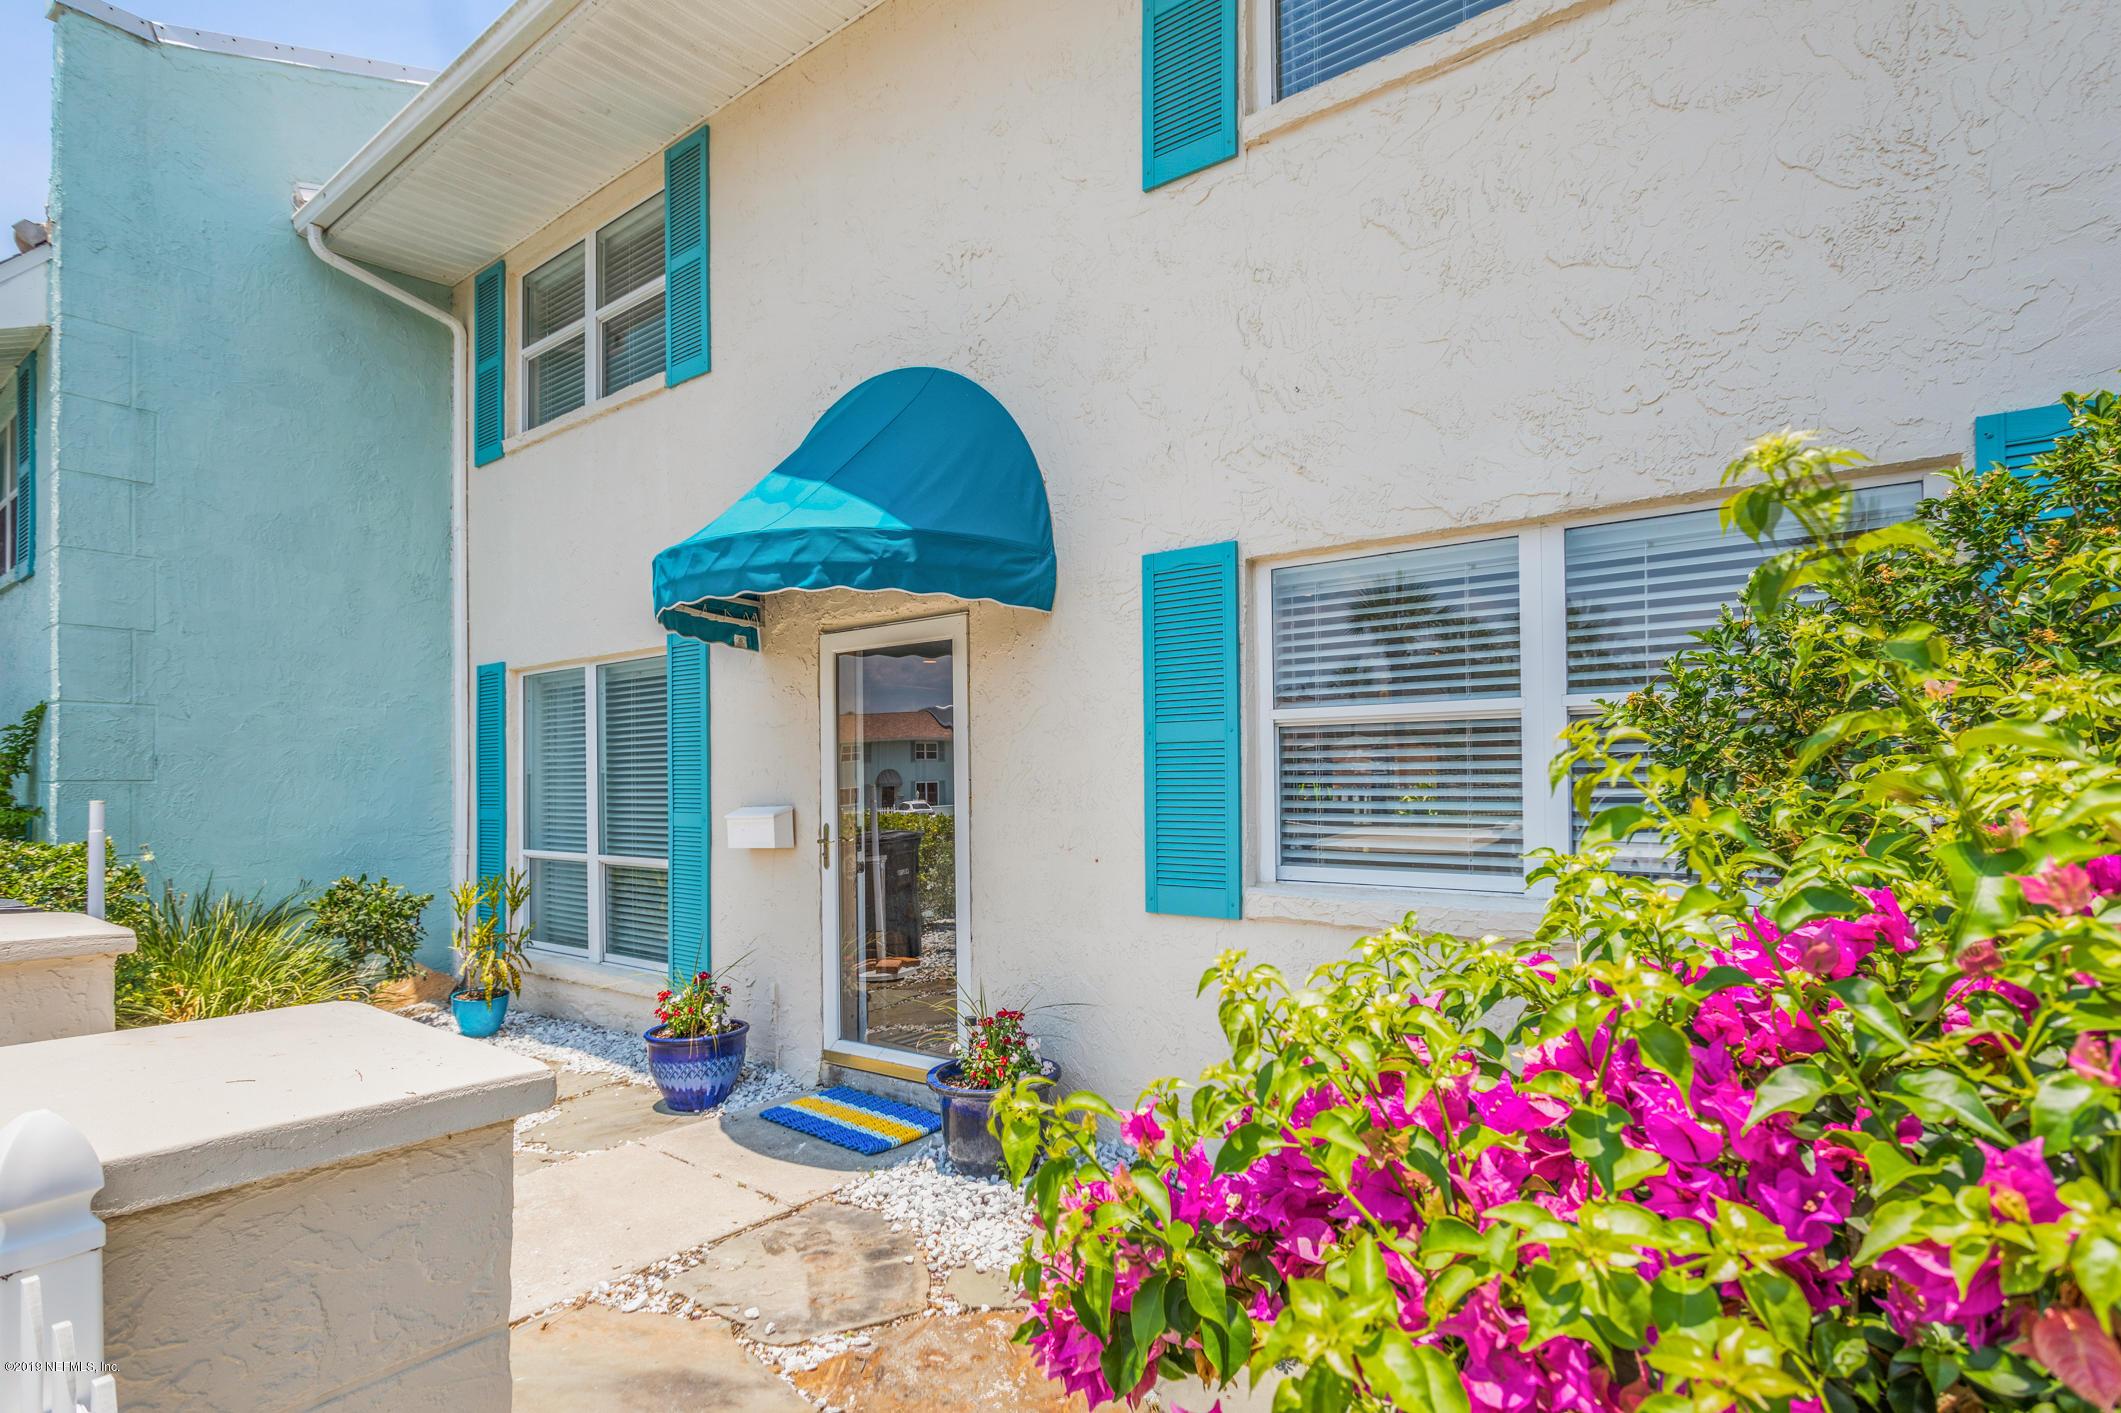 2233 SEMINOLE, ATLANTIC BEACH, FLORIDA 32233, 3 Bedrooms Bedrooms, ,2 BathroomsBathrooms,Residential - condos/townhomes,For sale,SEMINOLE,1004329